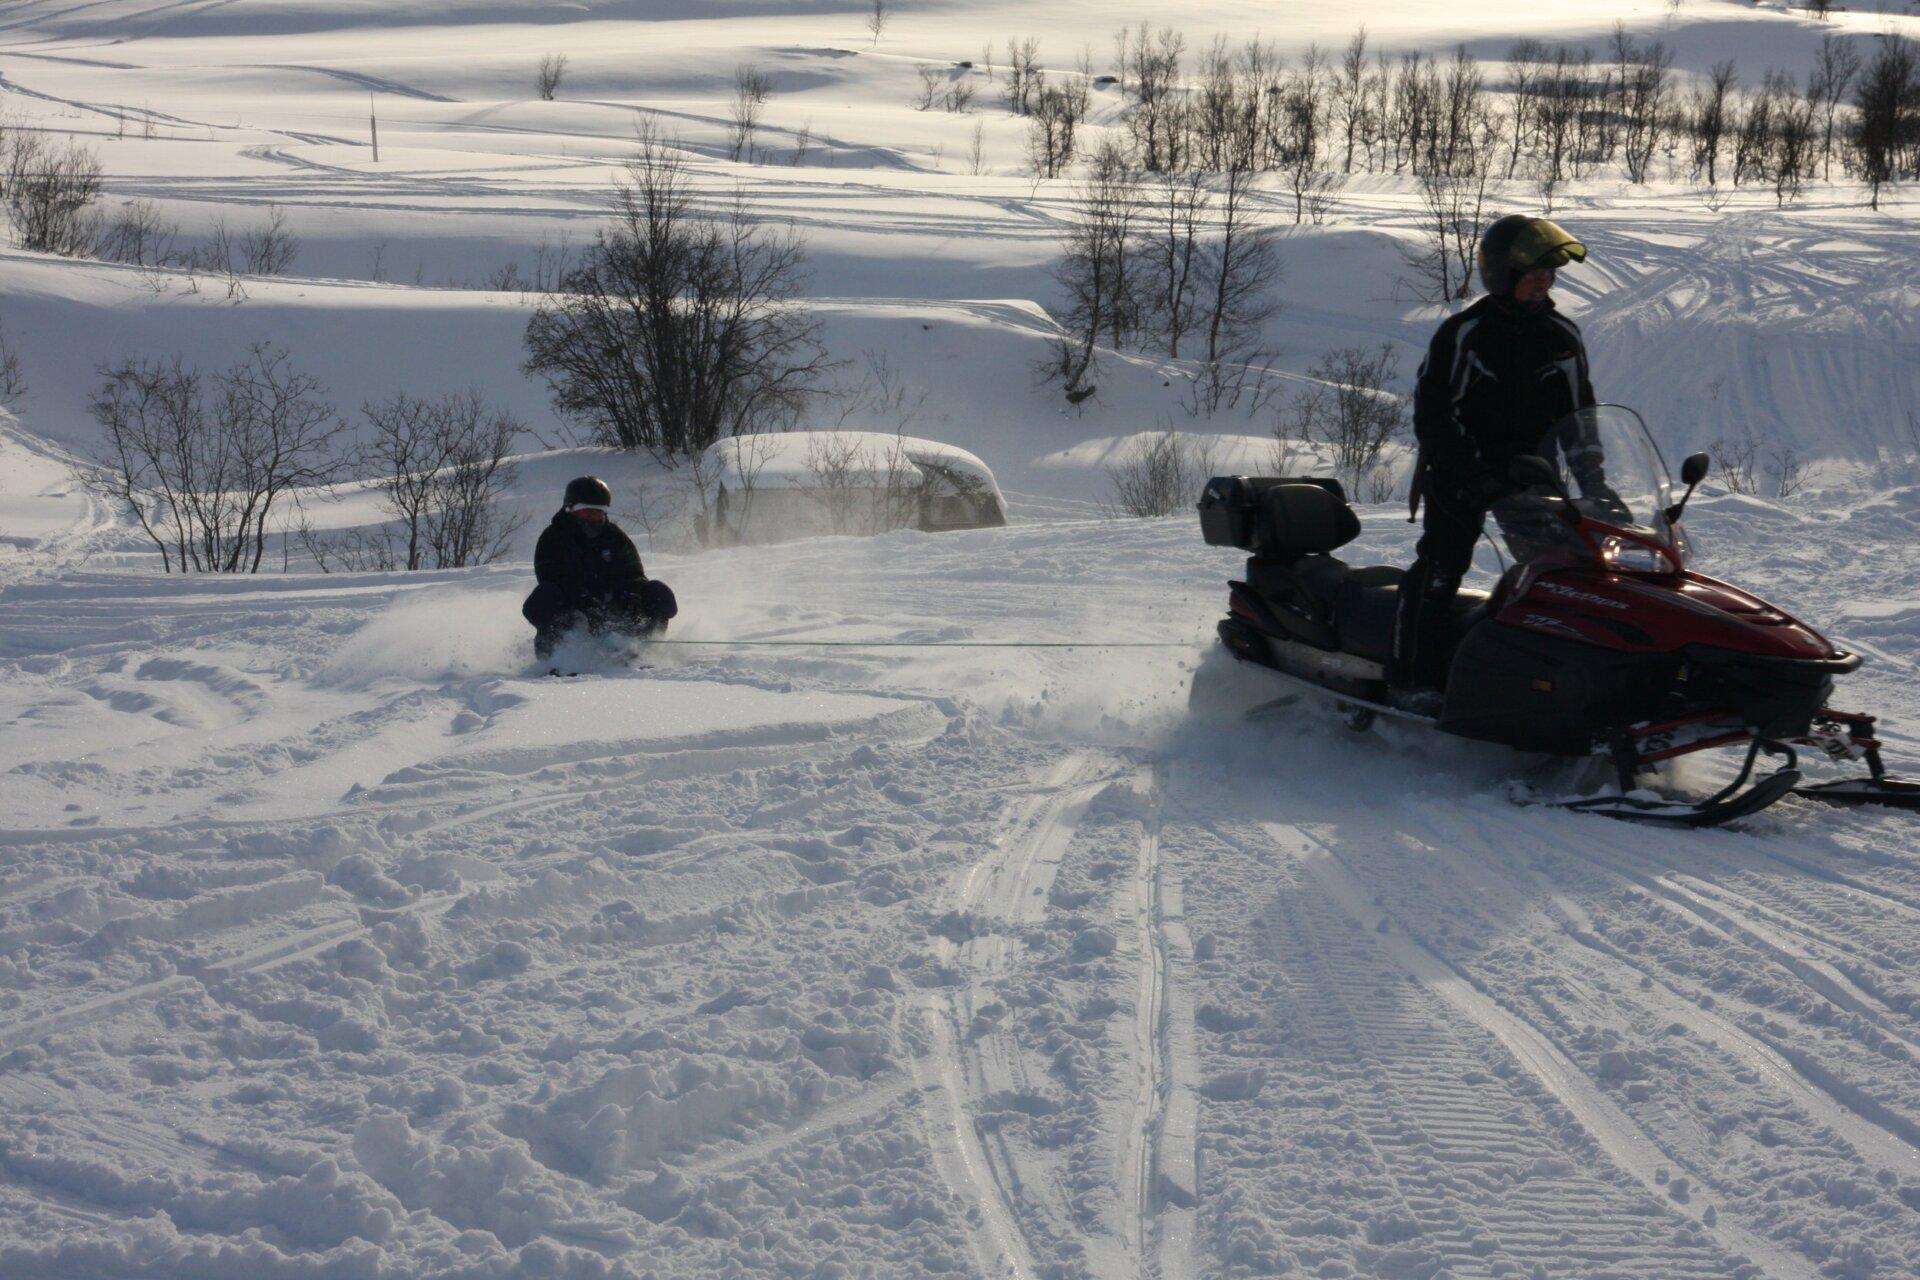 Snowmobile trip - Snowmobile safari at its best